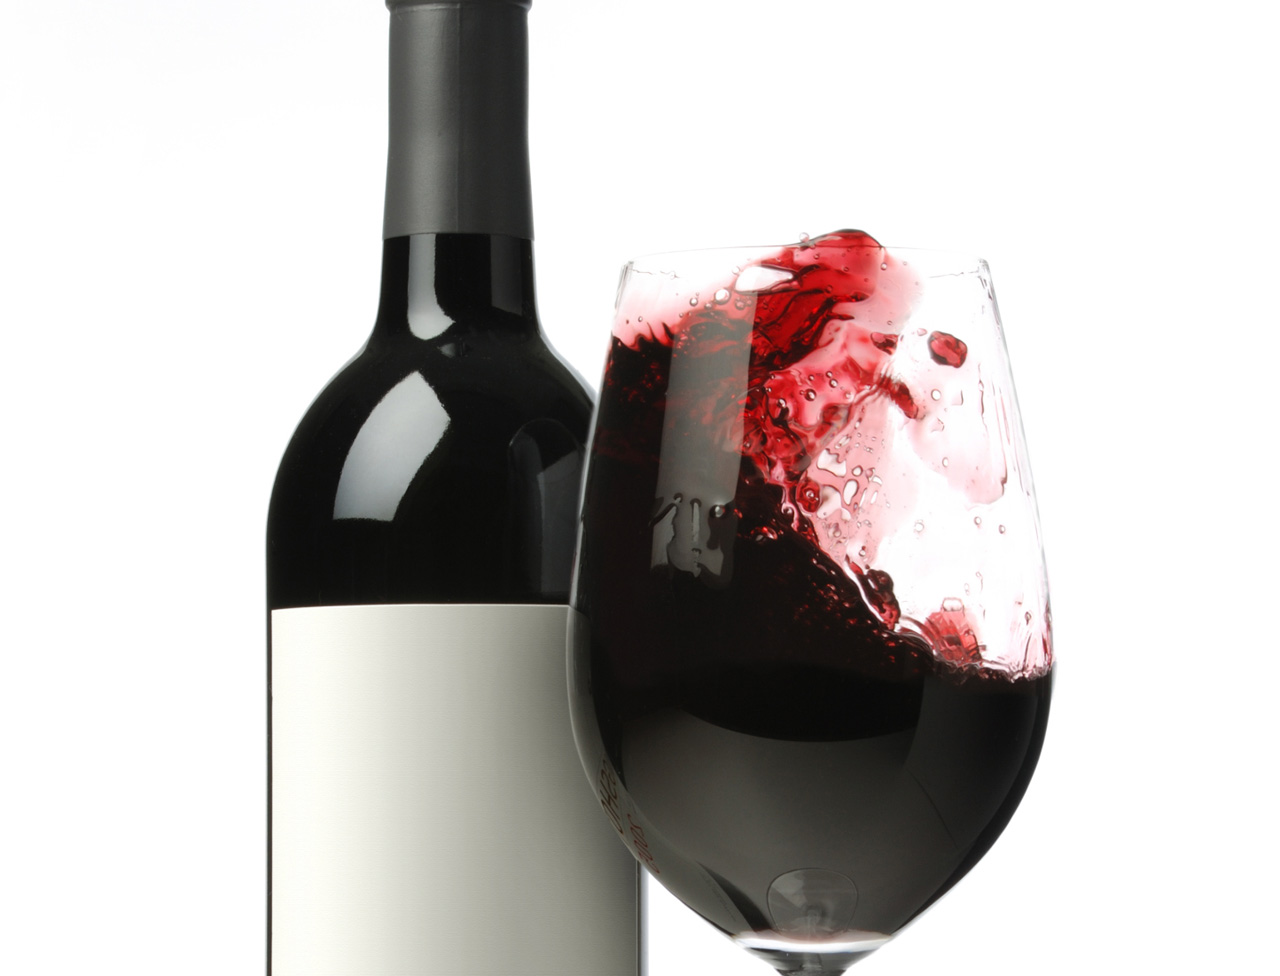 Cave à vin pour les particuliers ? La bonne idée pour conserver et faire vieillir vos vins à domicile